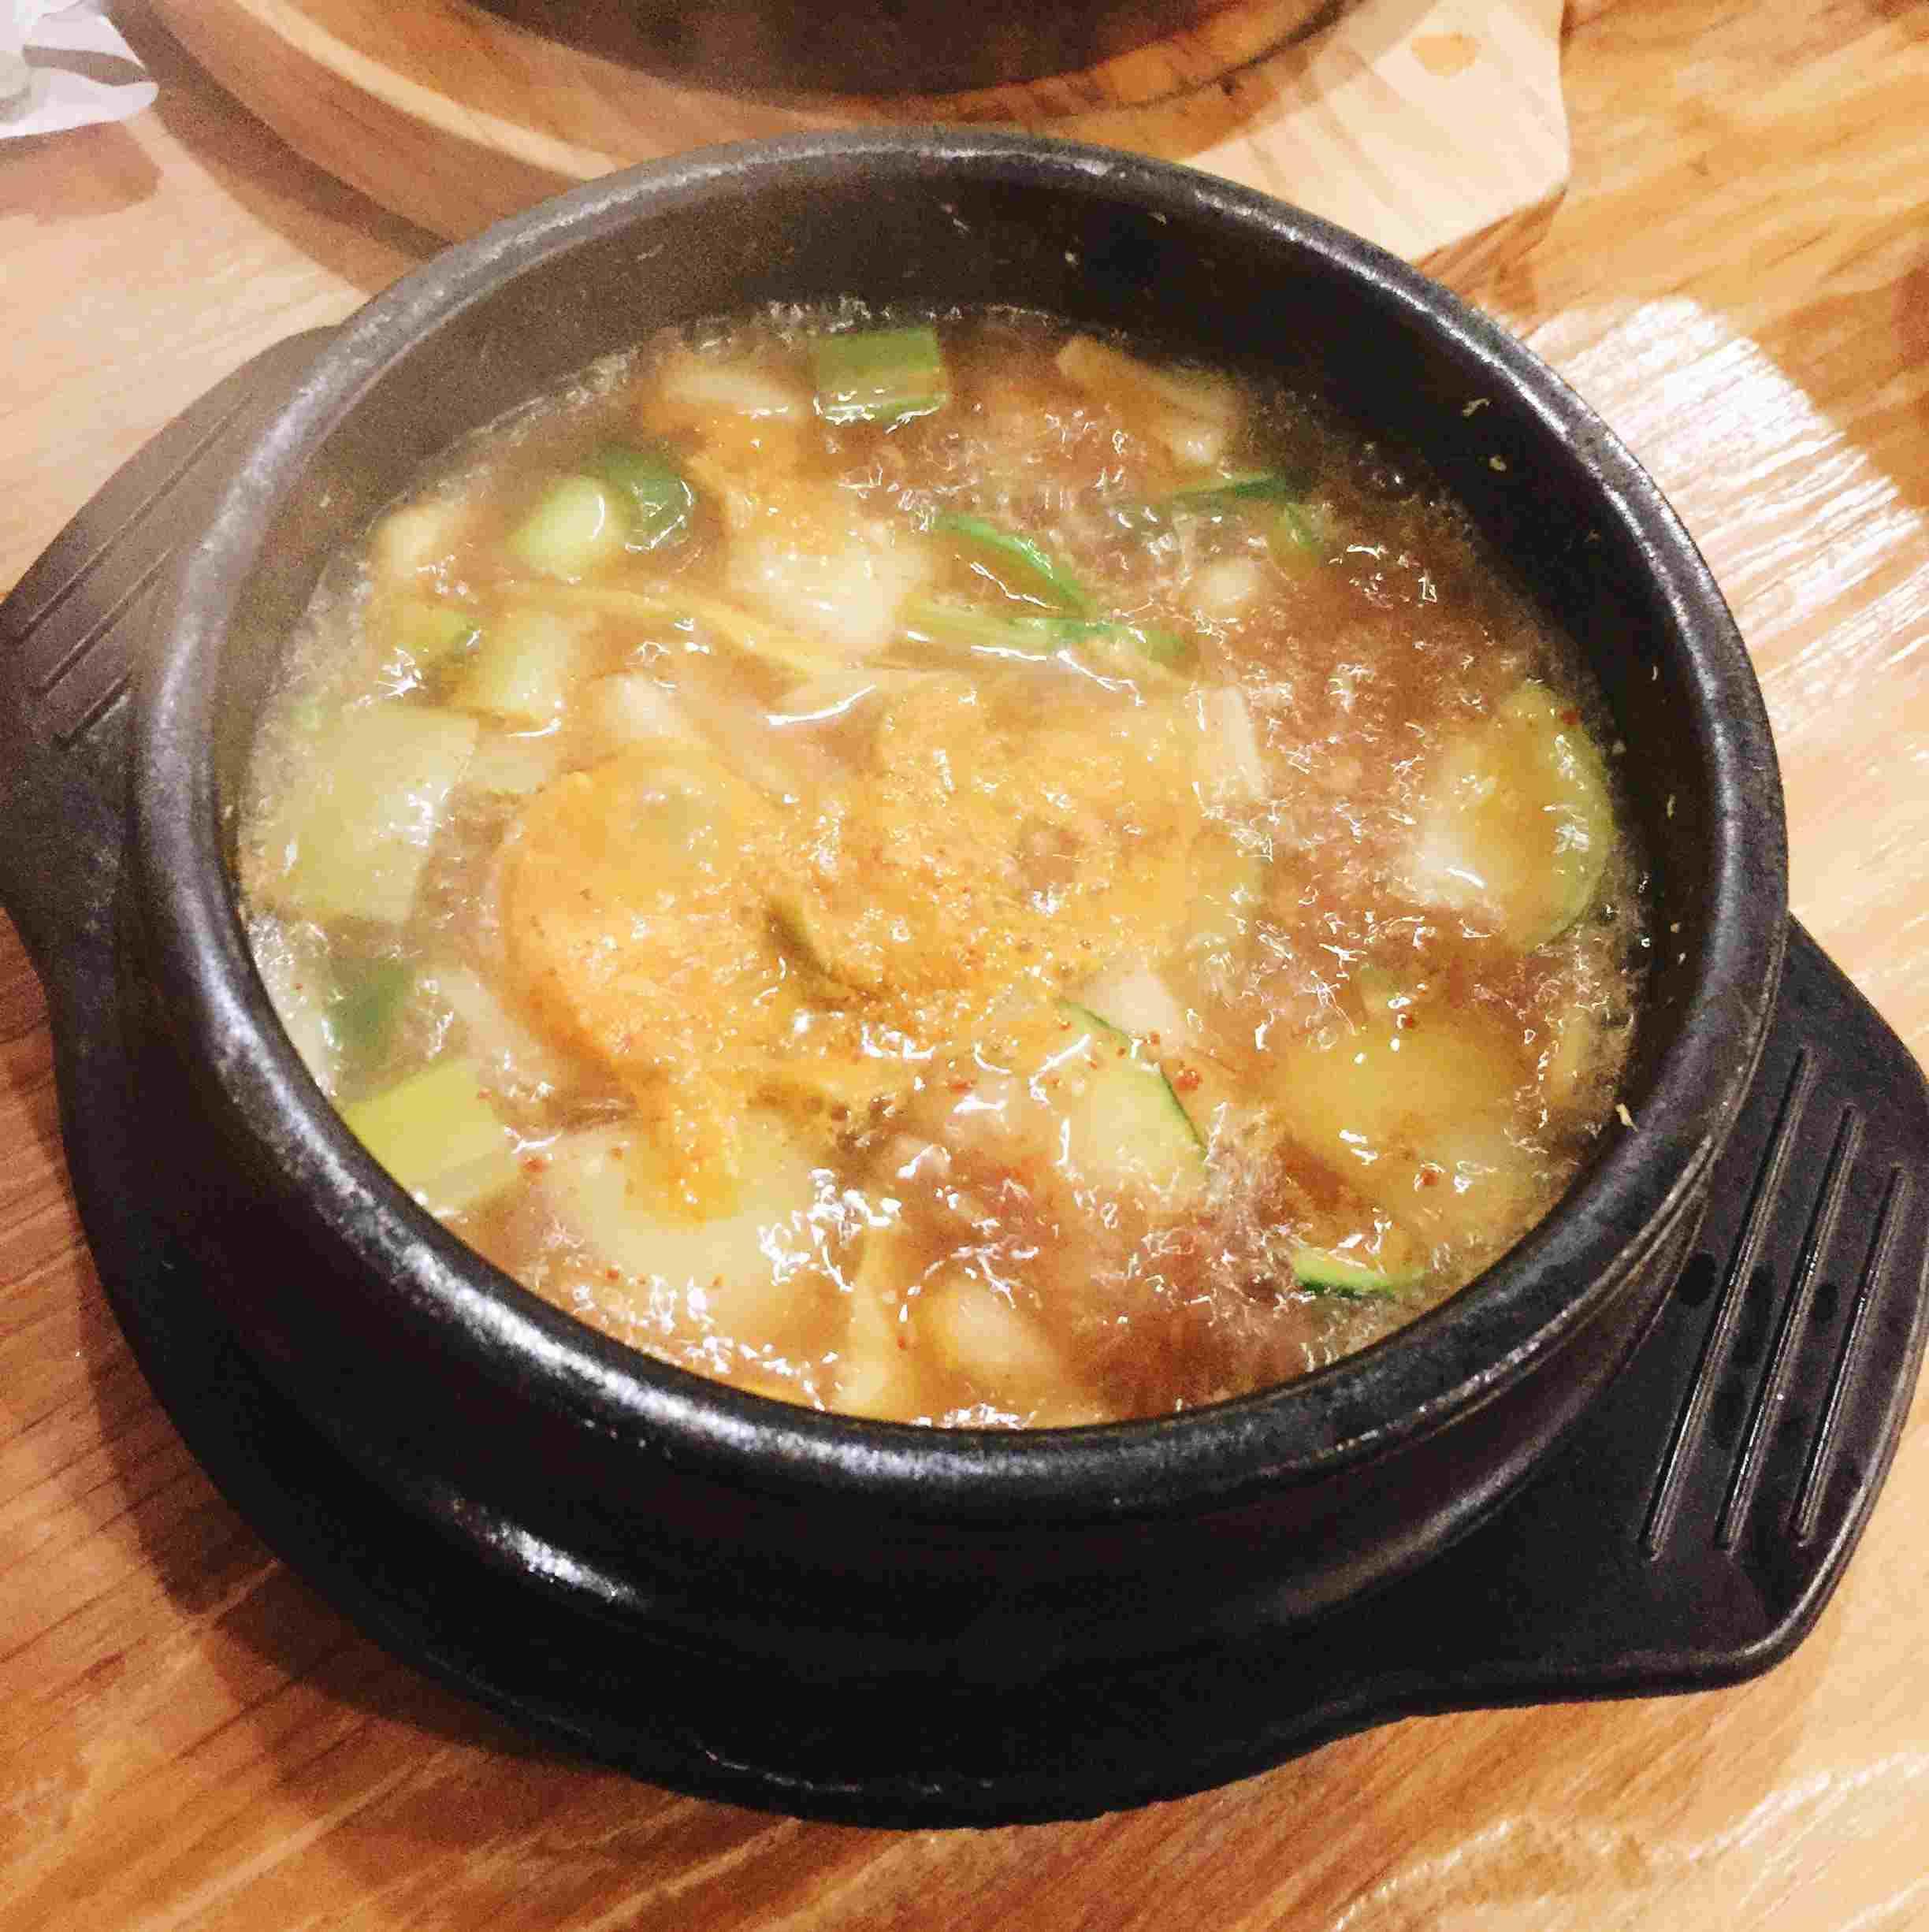 大醬湯有點鹹有點辣,好喝是好喝,但小編認為它比較適合和白飯配著一起吃